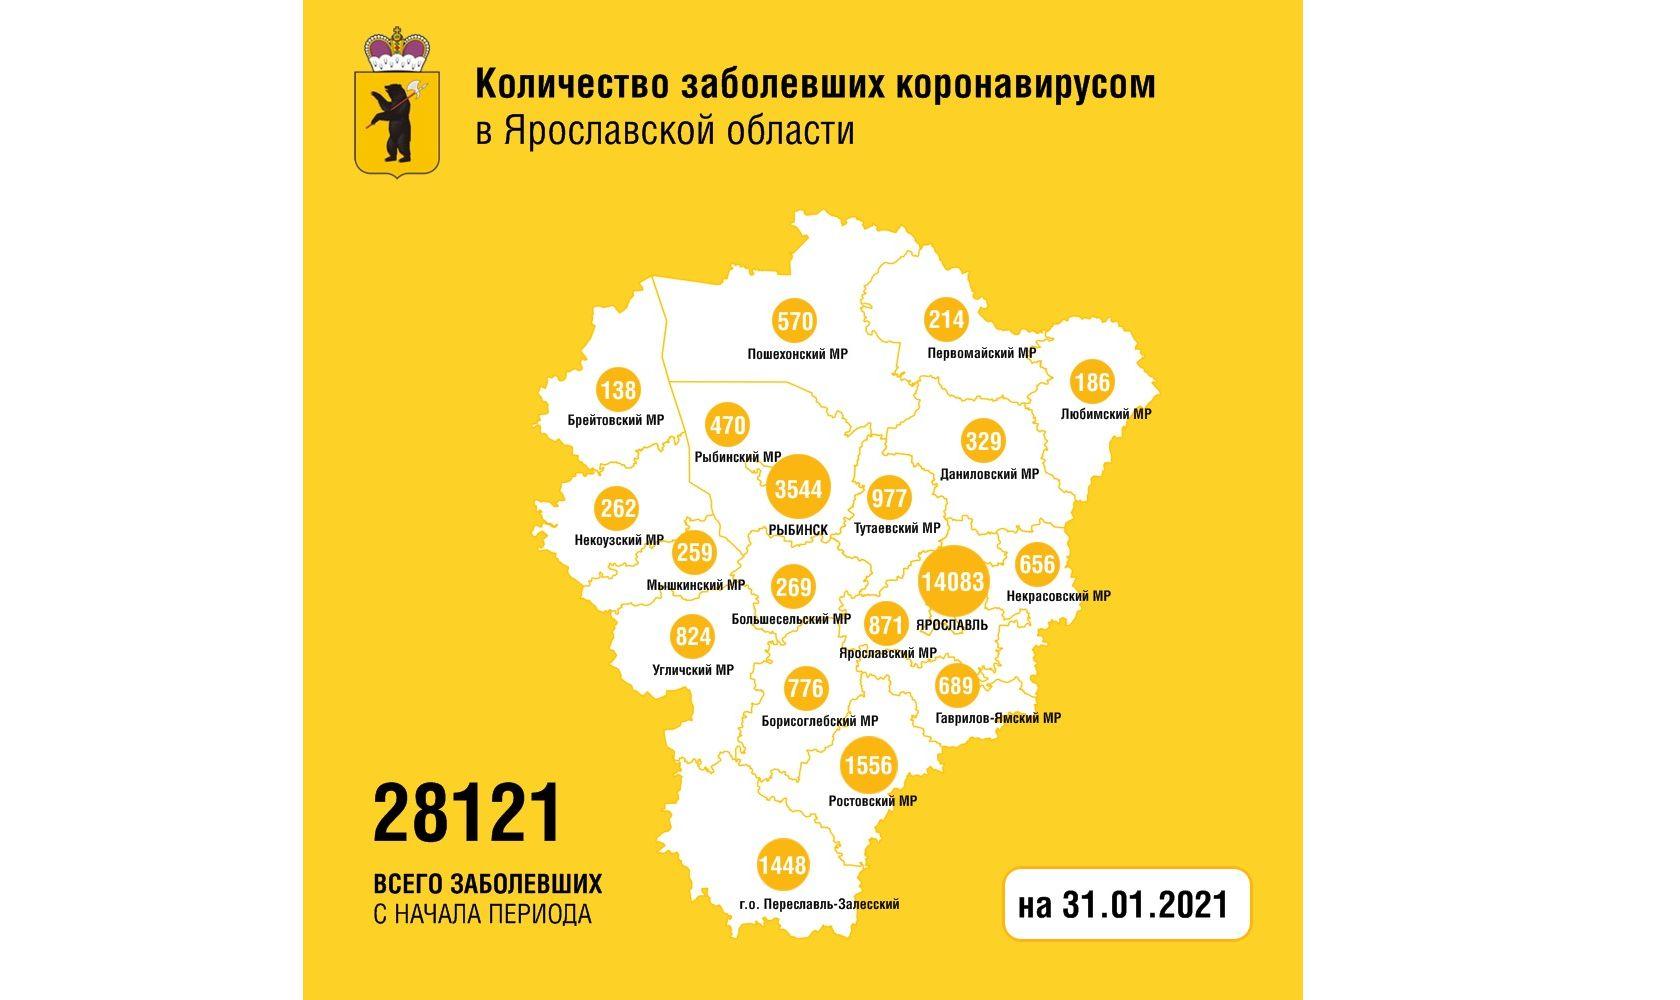 В Ярославской области заболели коронавирусом еще 184 человека, пятеро скончались